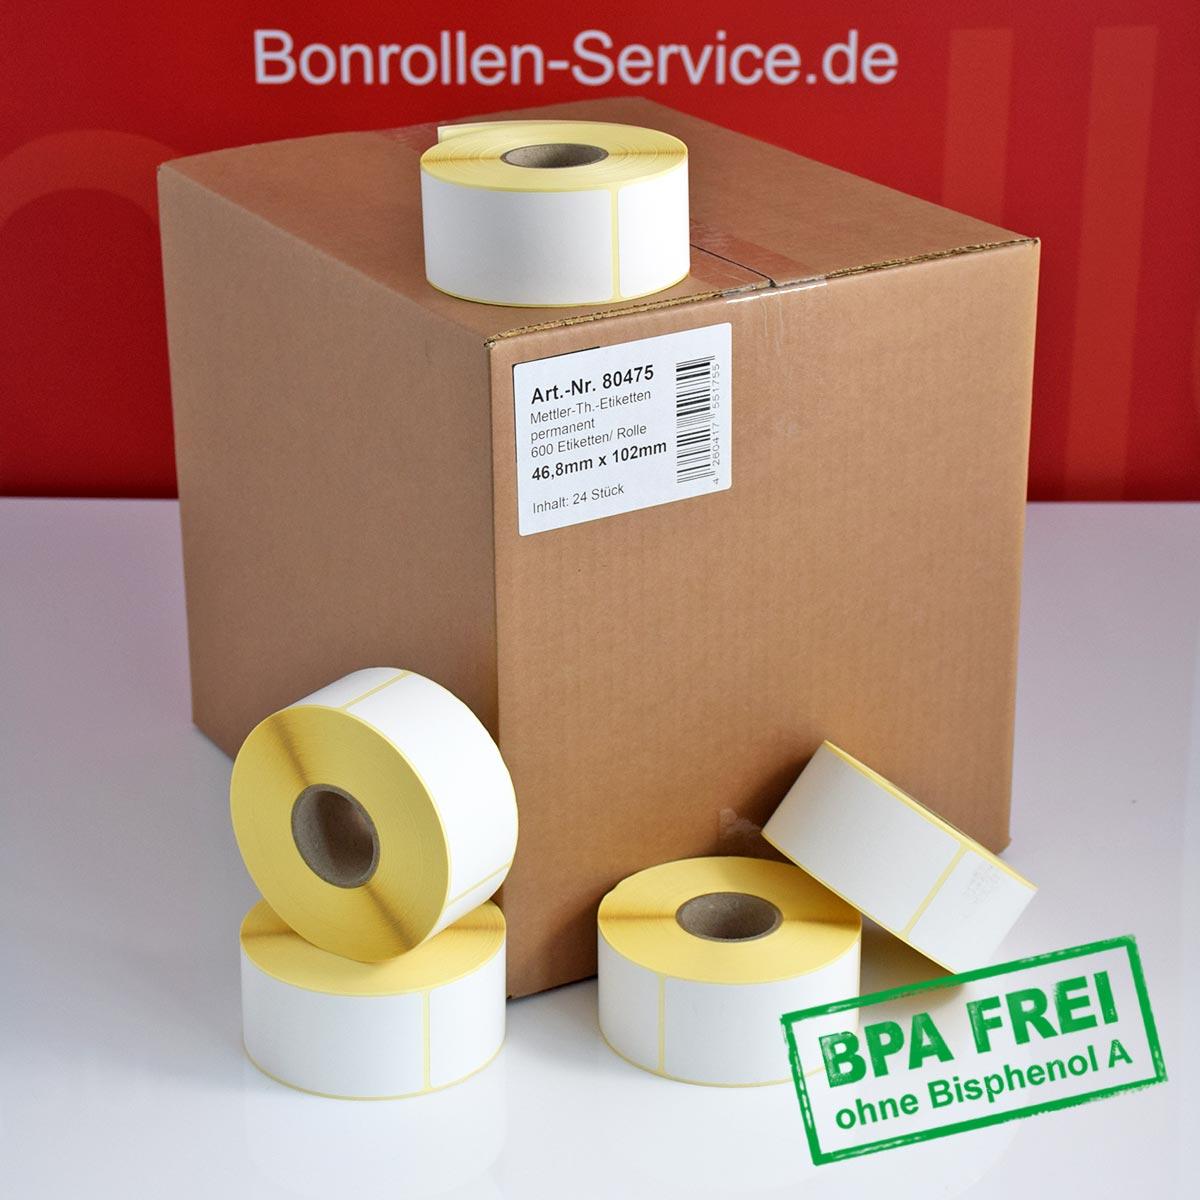 Thermo-Etikettenrollen ohne BPA, 46,8 x 102 für Avery Berkel, permanent